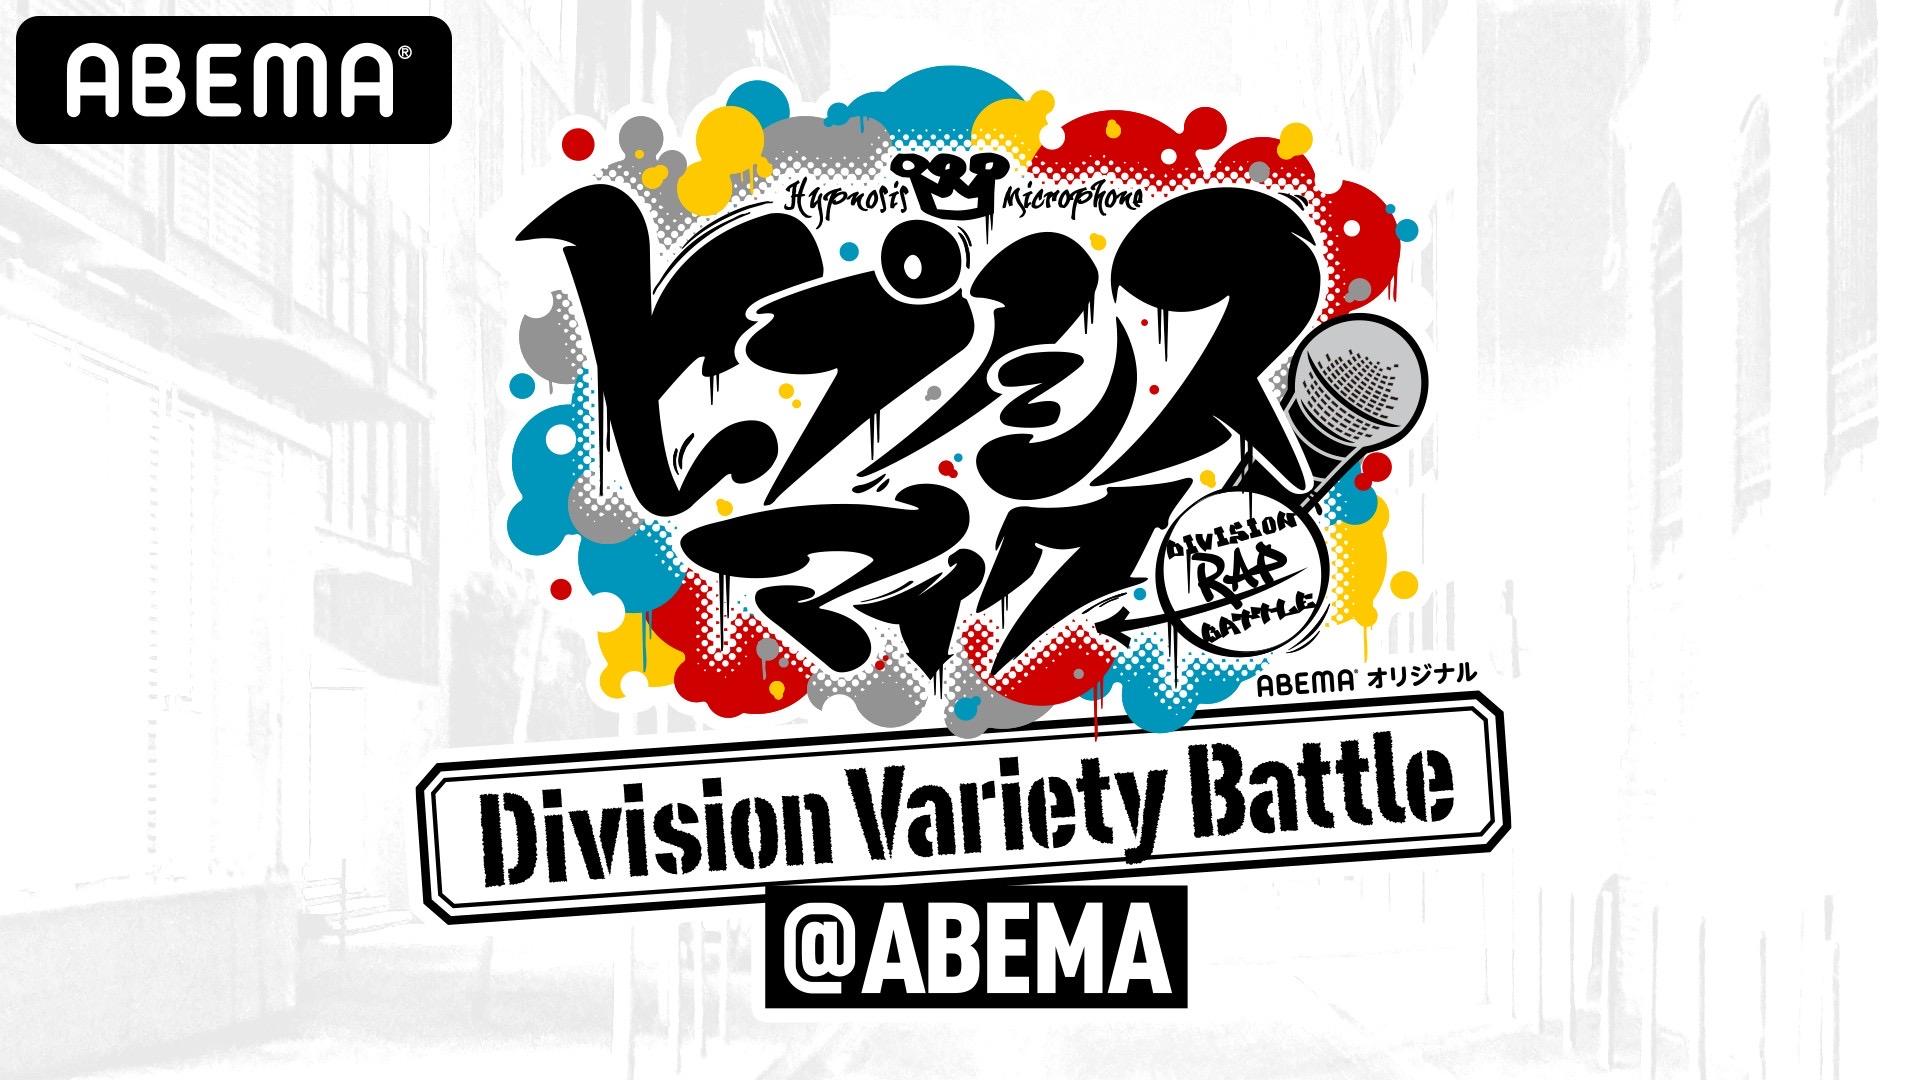 9月26日(土)22:00 O.A. <br>AbemaTV「ヒプノシスマイク ~Division Variety Battle~@ABEMA」スタート!